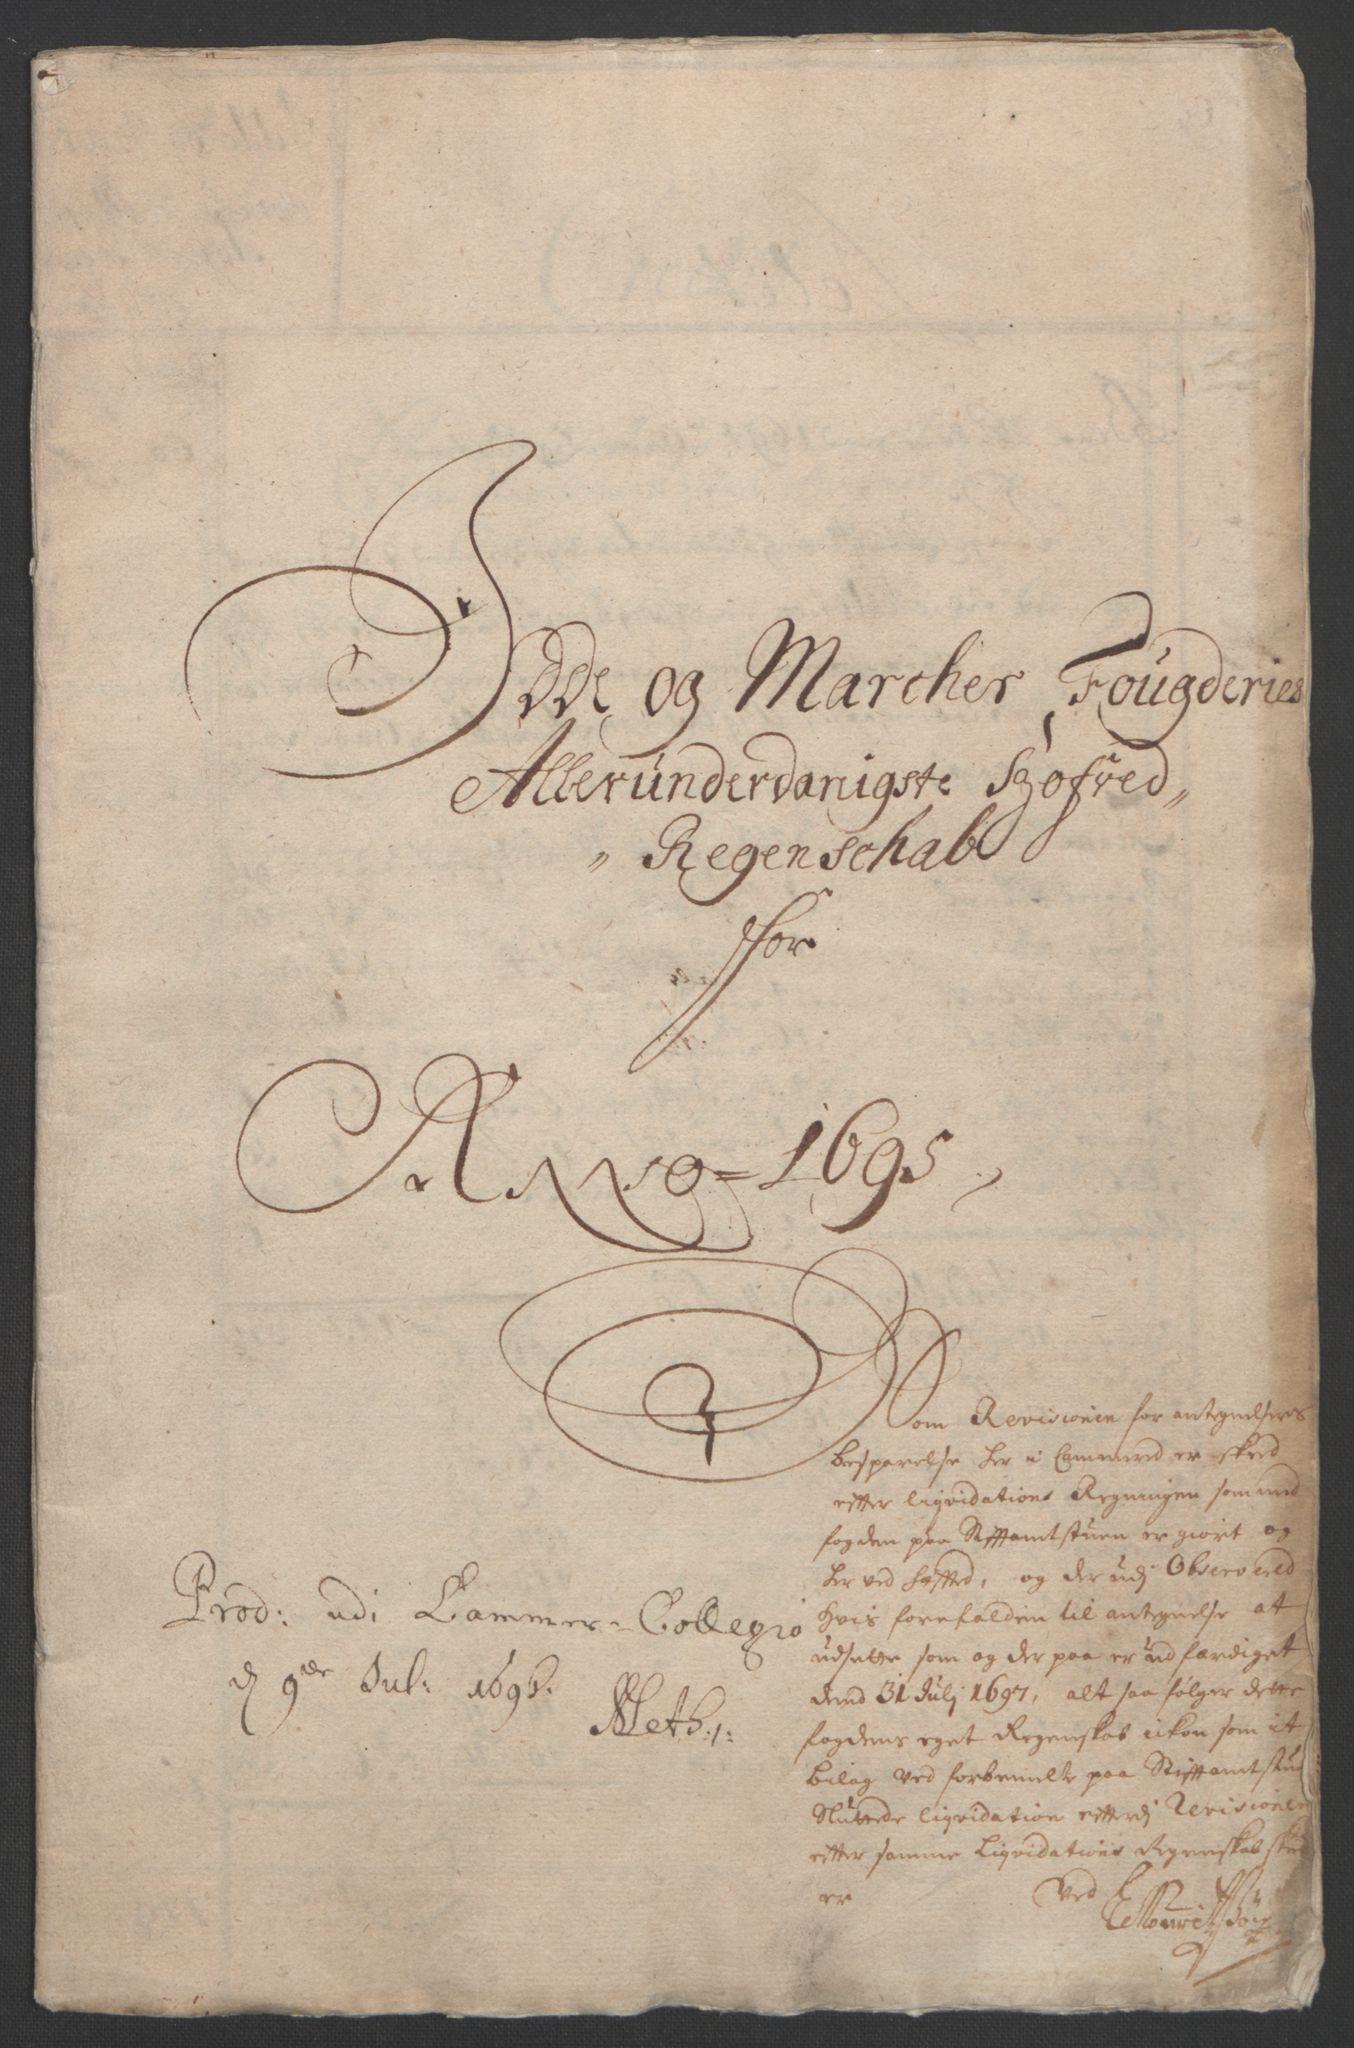 RA, Rentekammeret inntil 1814, Reviderte regnskaper, Fogderegnskap, R01/L0012: Fogderegnskap Idd og Marker, 1694-1695, s. 160